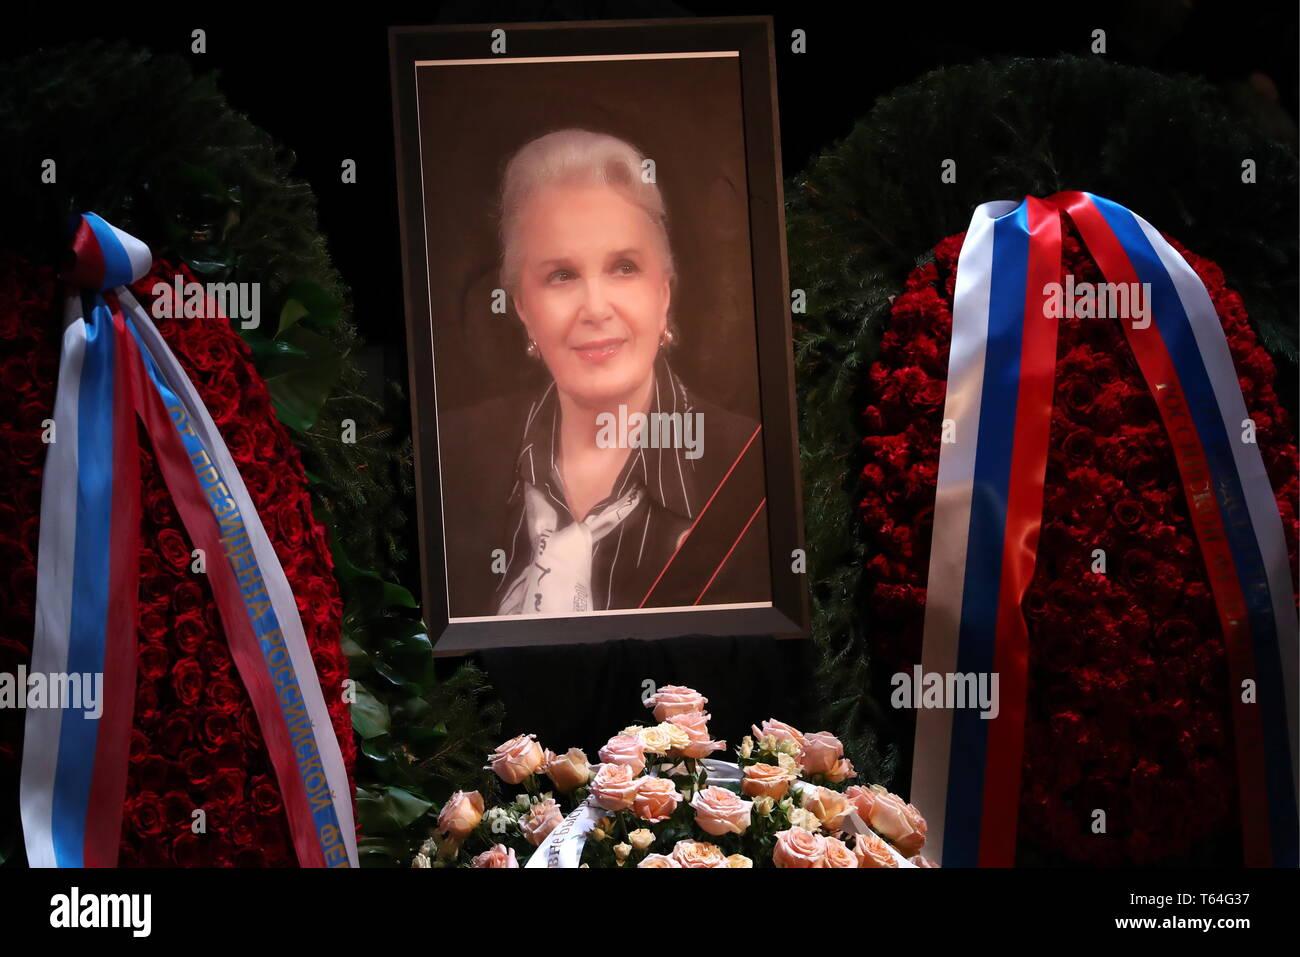 Moscou, Russie. Apr 29, 2019. Moscou, Russie - le 29 avril 2019: Un portrait de l'Elina actrice russe Bystritskaya au cours d'une cérémonie de départ à l'Théâtre Maly. Bystritskaya est décédé le 26 avril 2019, âgé de 91 ans. Anton/Novoderezhkin Crédit: TASS ITAR-TASS News Agency/Alamy Live News Banque D'Images